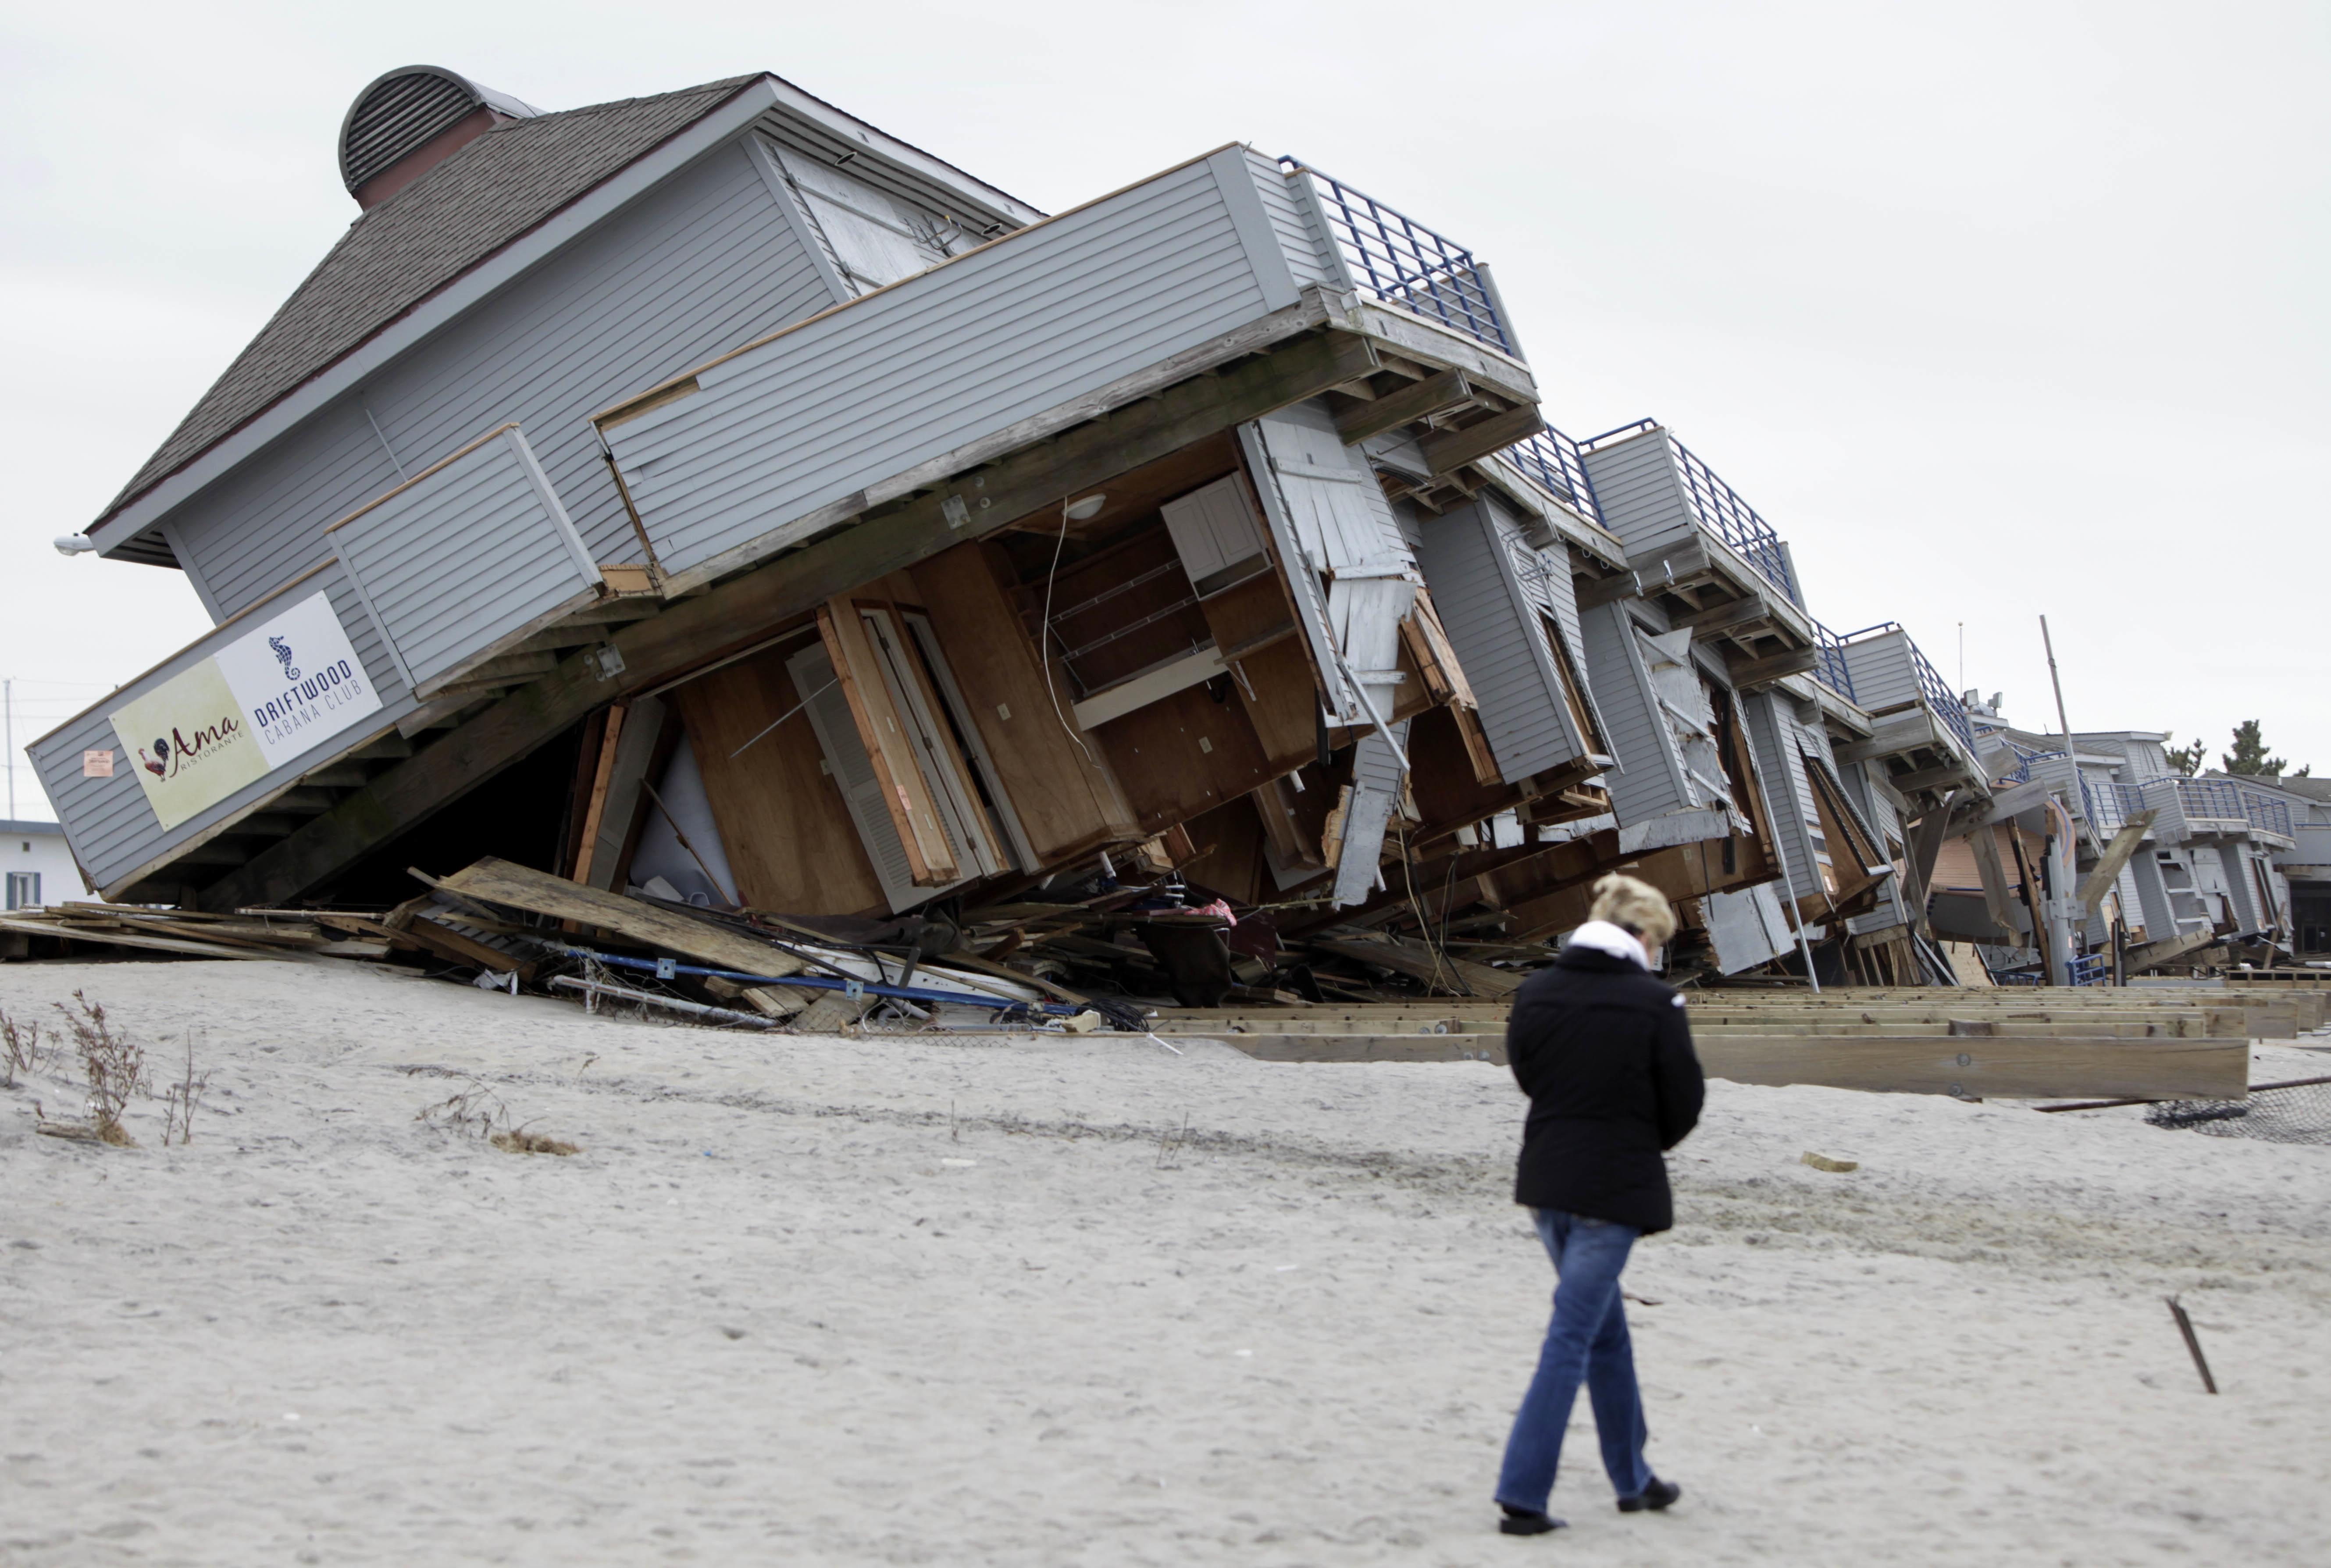 Next Natural Disaster Prediction